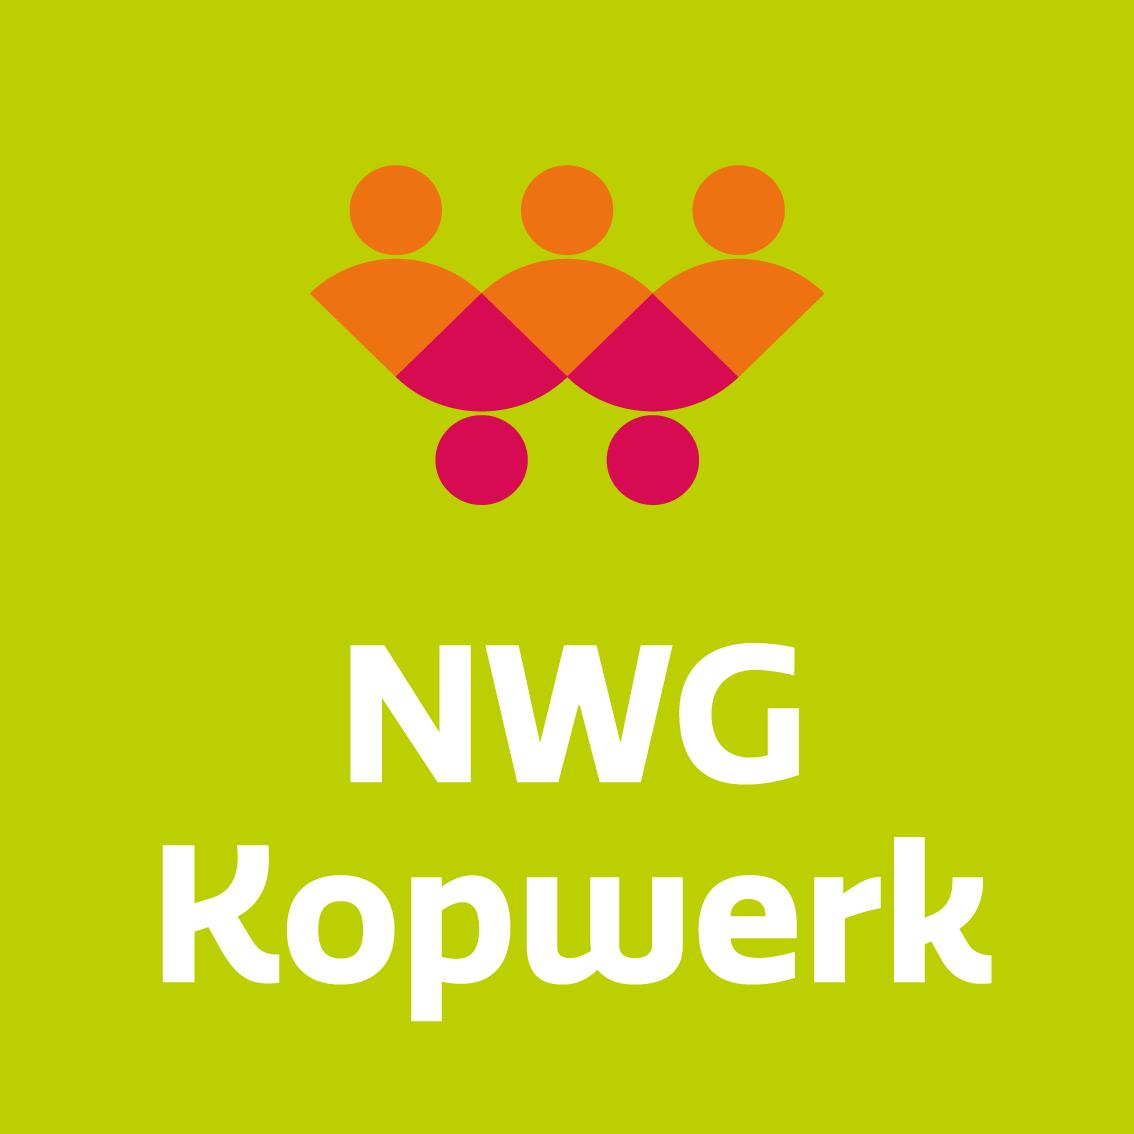 NWG Kopwerk